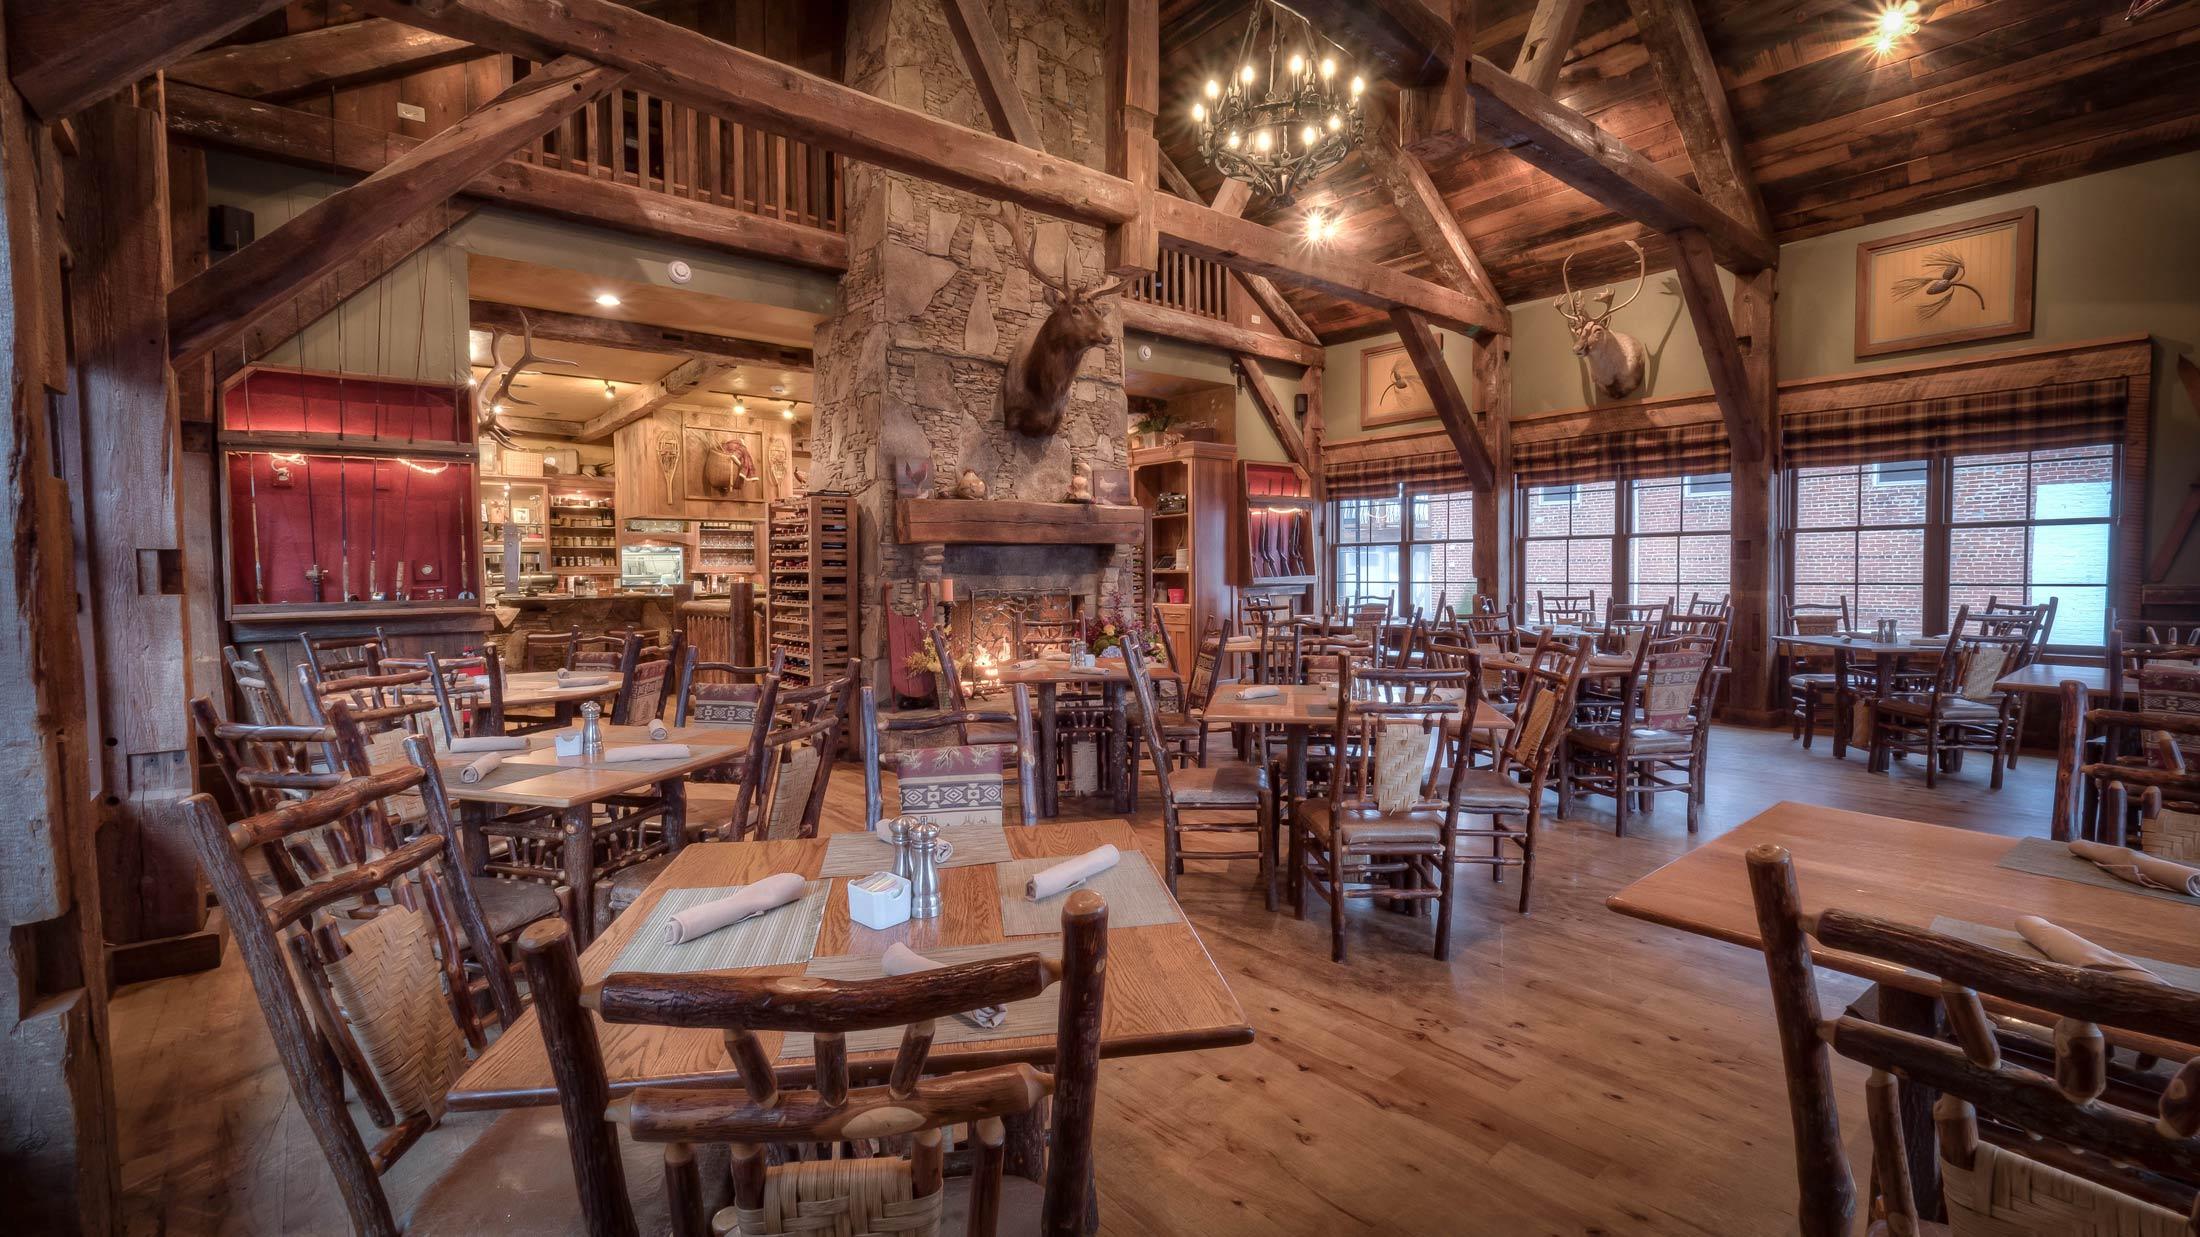 Harvest On Main Restaurant in Blue Ridge, GA